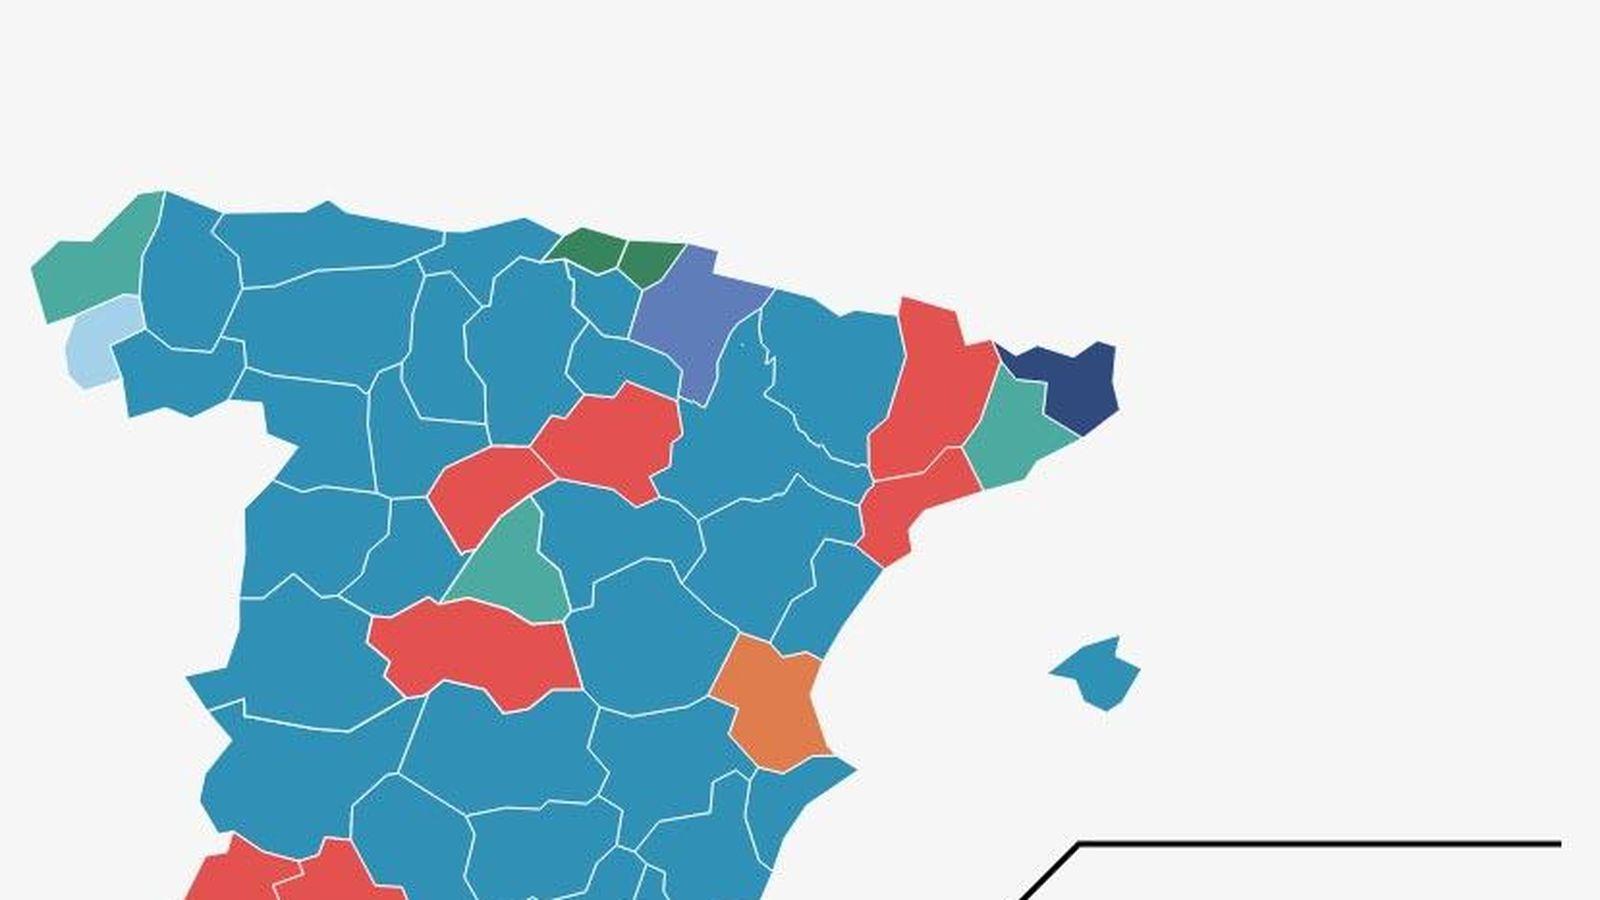 Mapa De Elecciones 2015.Resultados Electorales Busca Que Partido Ha Ganado En Tu